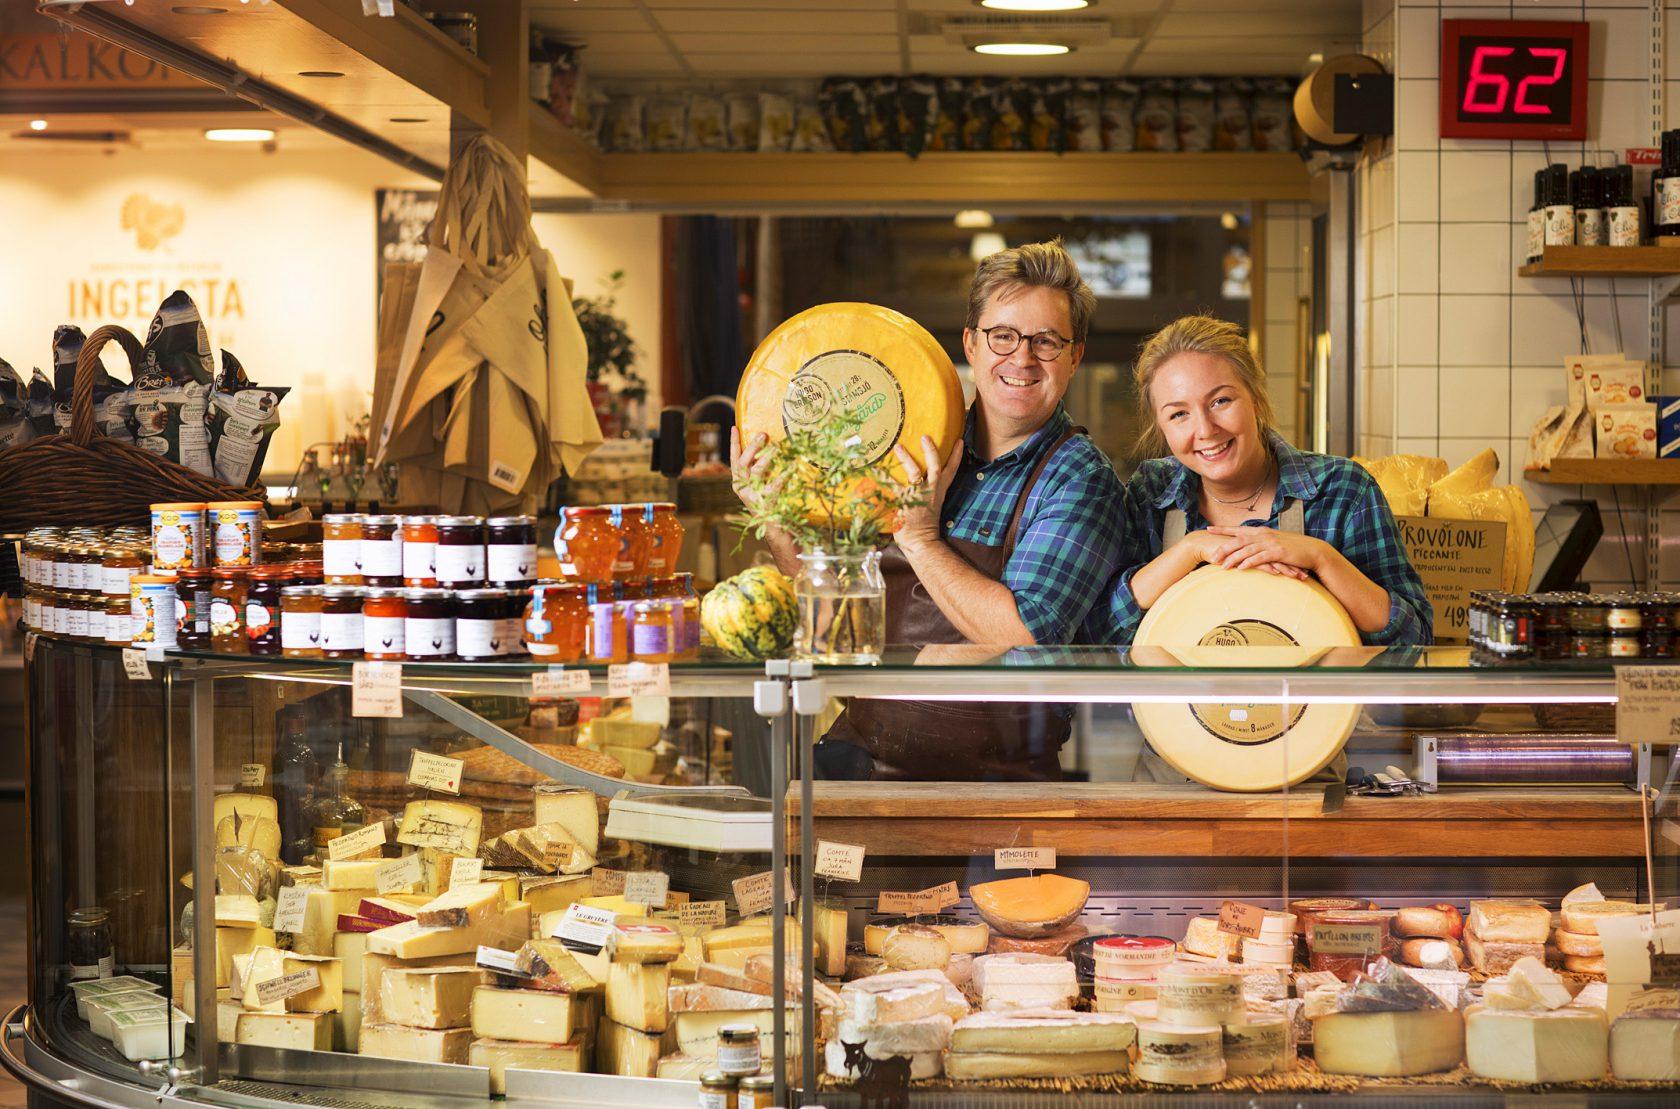 En man och en kvinna står med två stora ostar i händerna bakom en ostdisk.